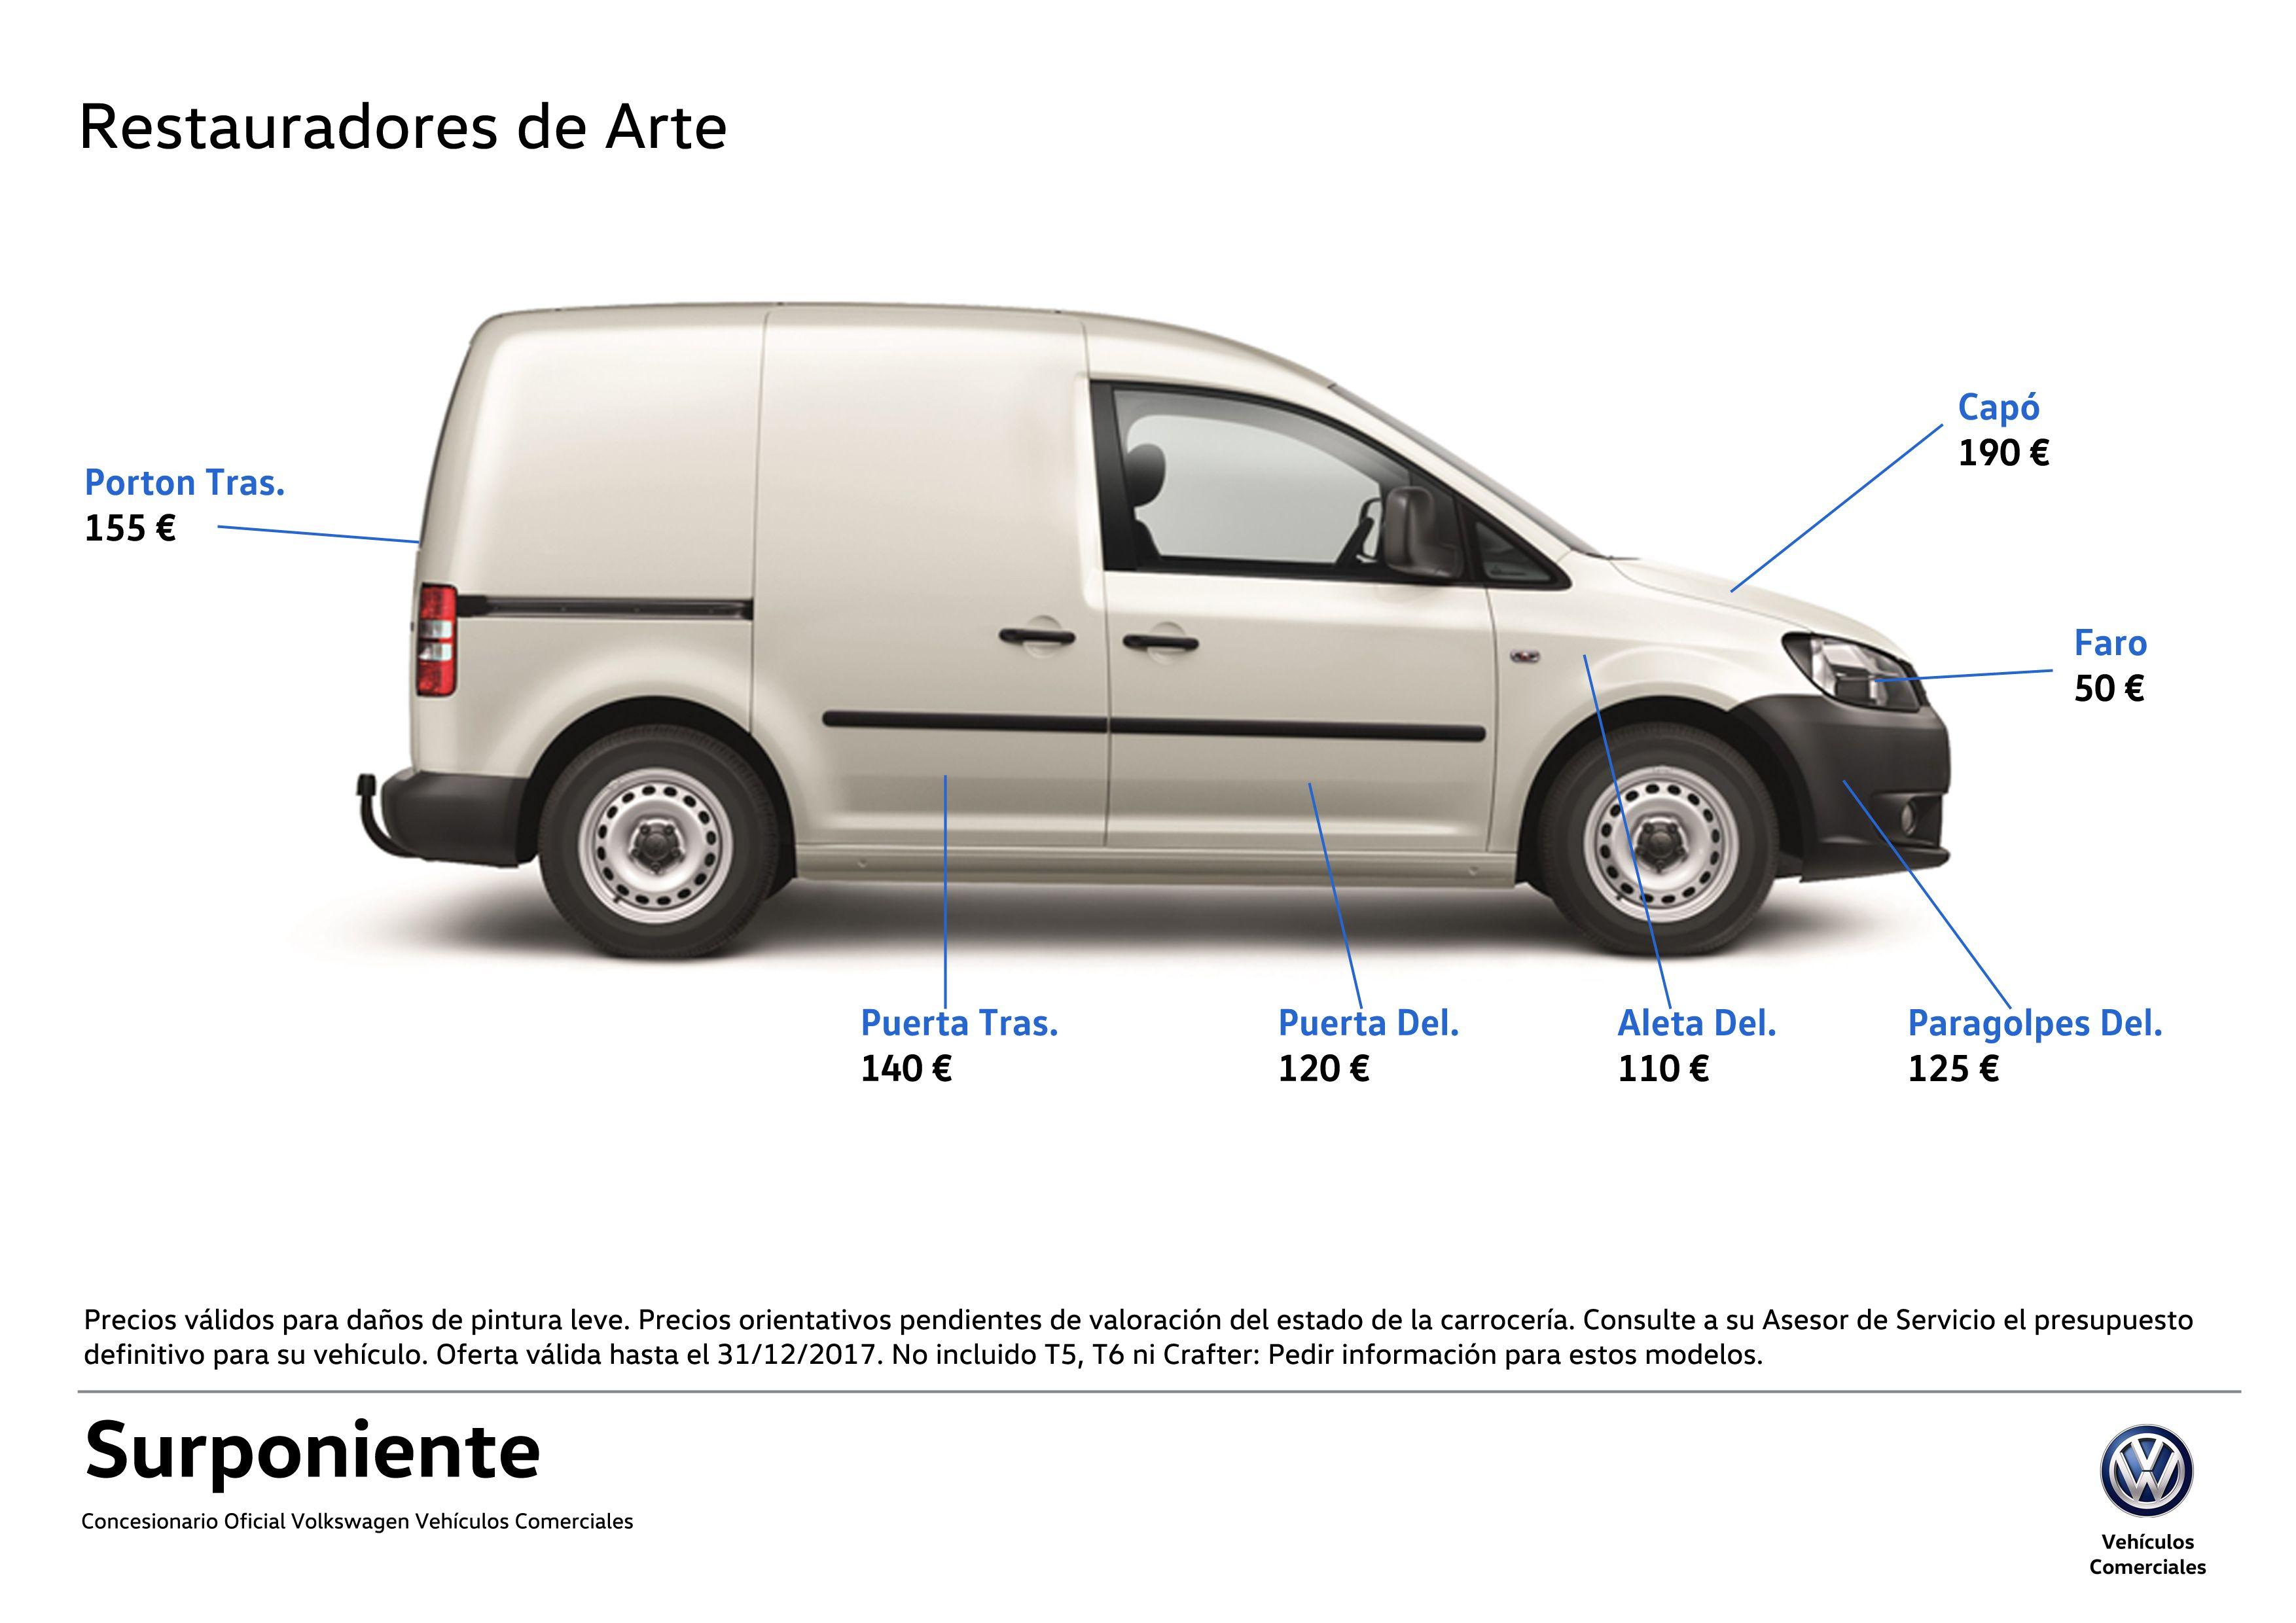 Vehiculos Comerciales. Restauradores de Arte